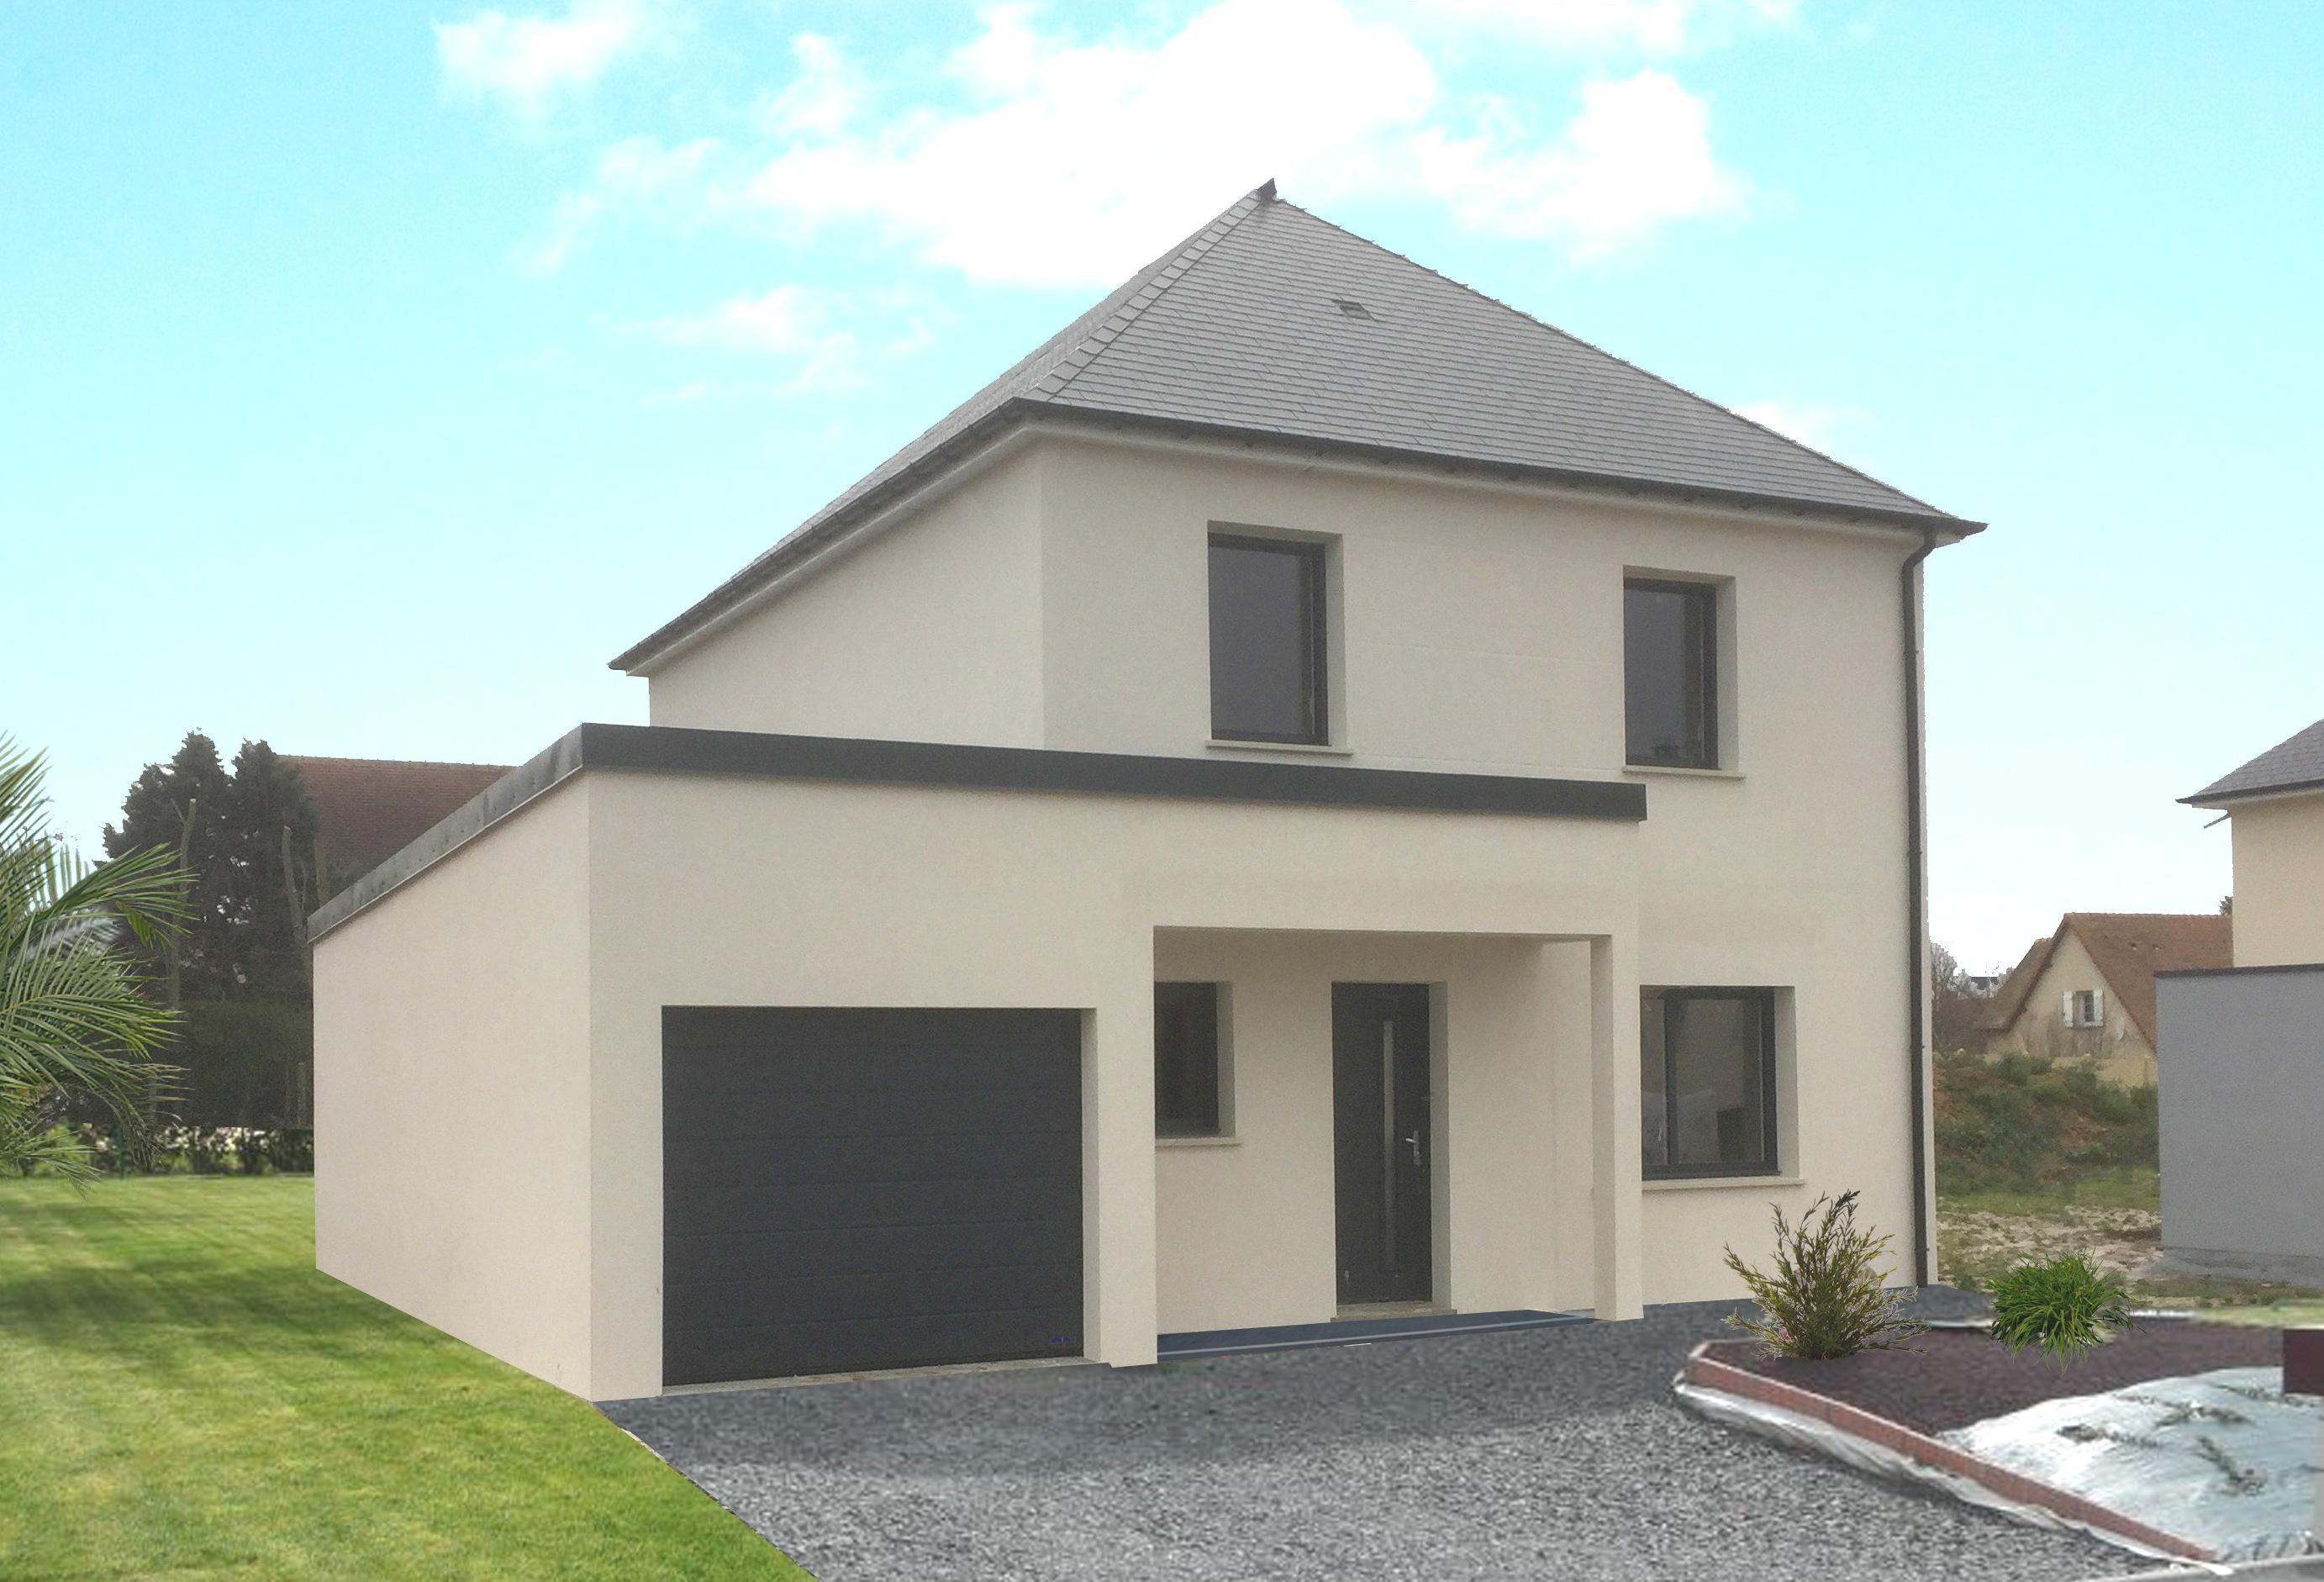 Maisons + Terrains du constructeur MAISON FAMILIALE • 103 m² • VAL DE REUIL